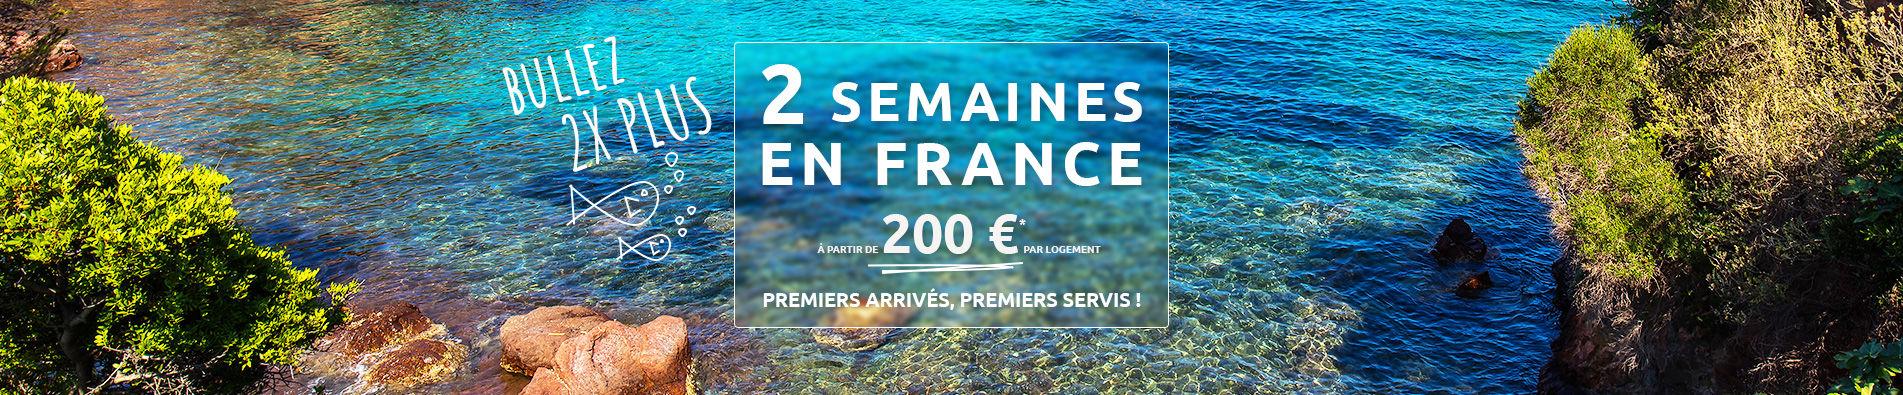 2 semaines en France